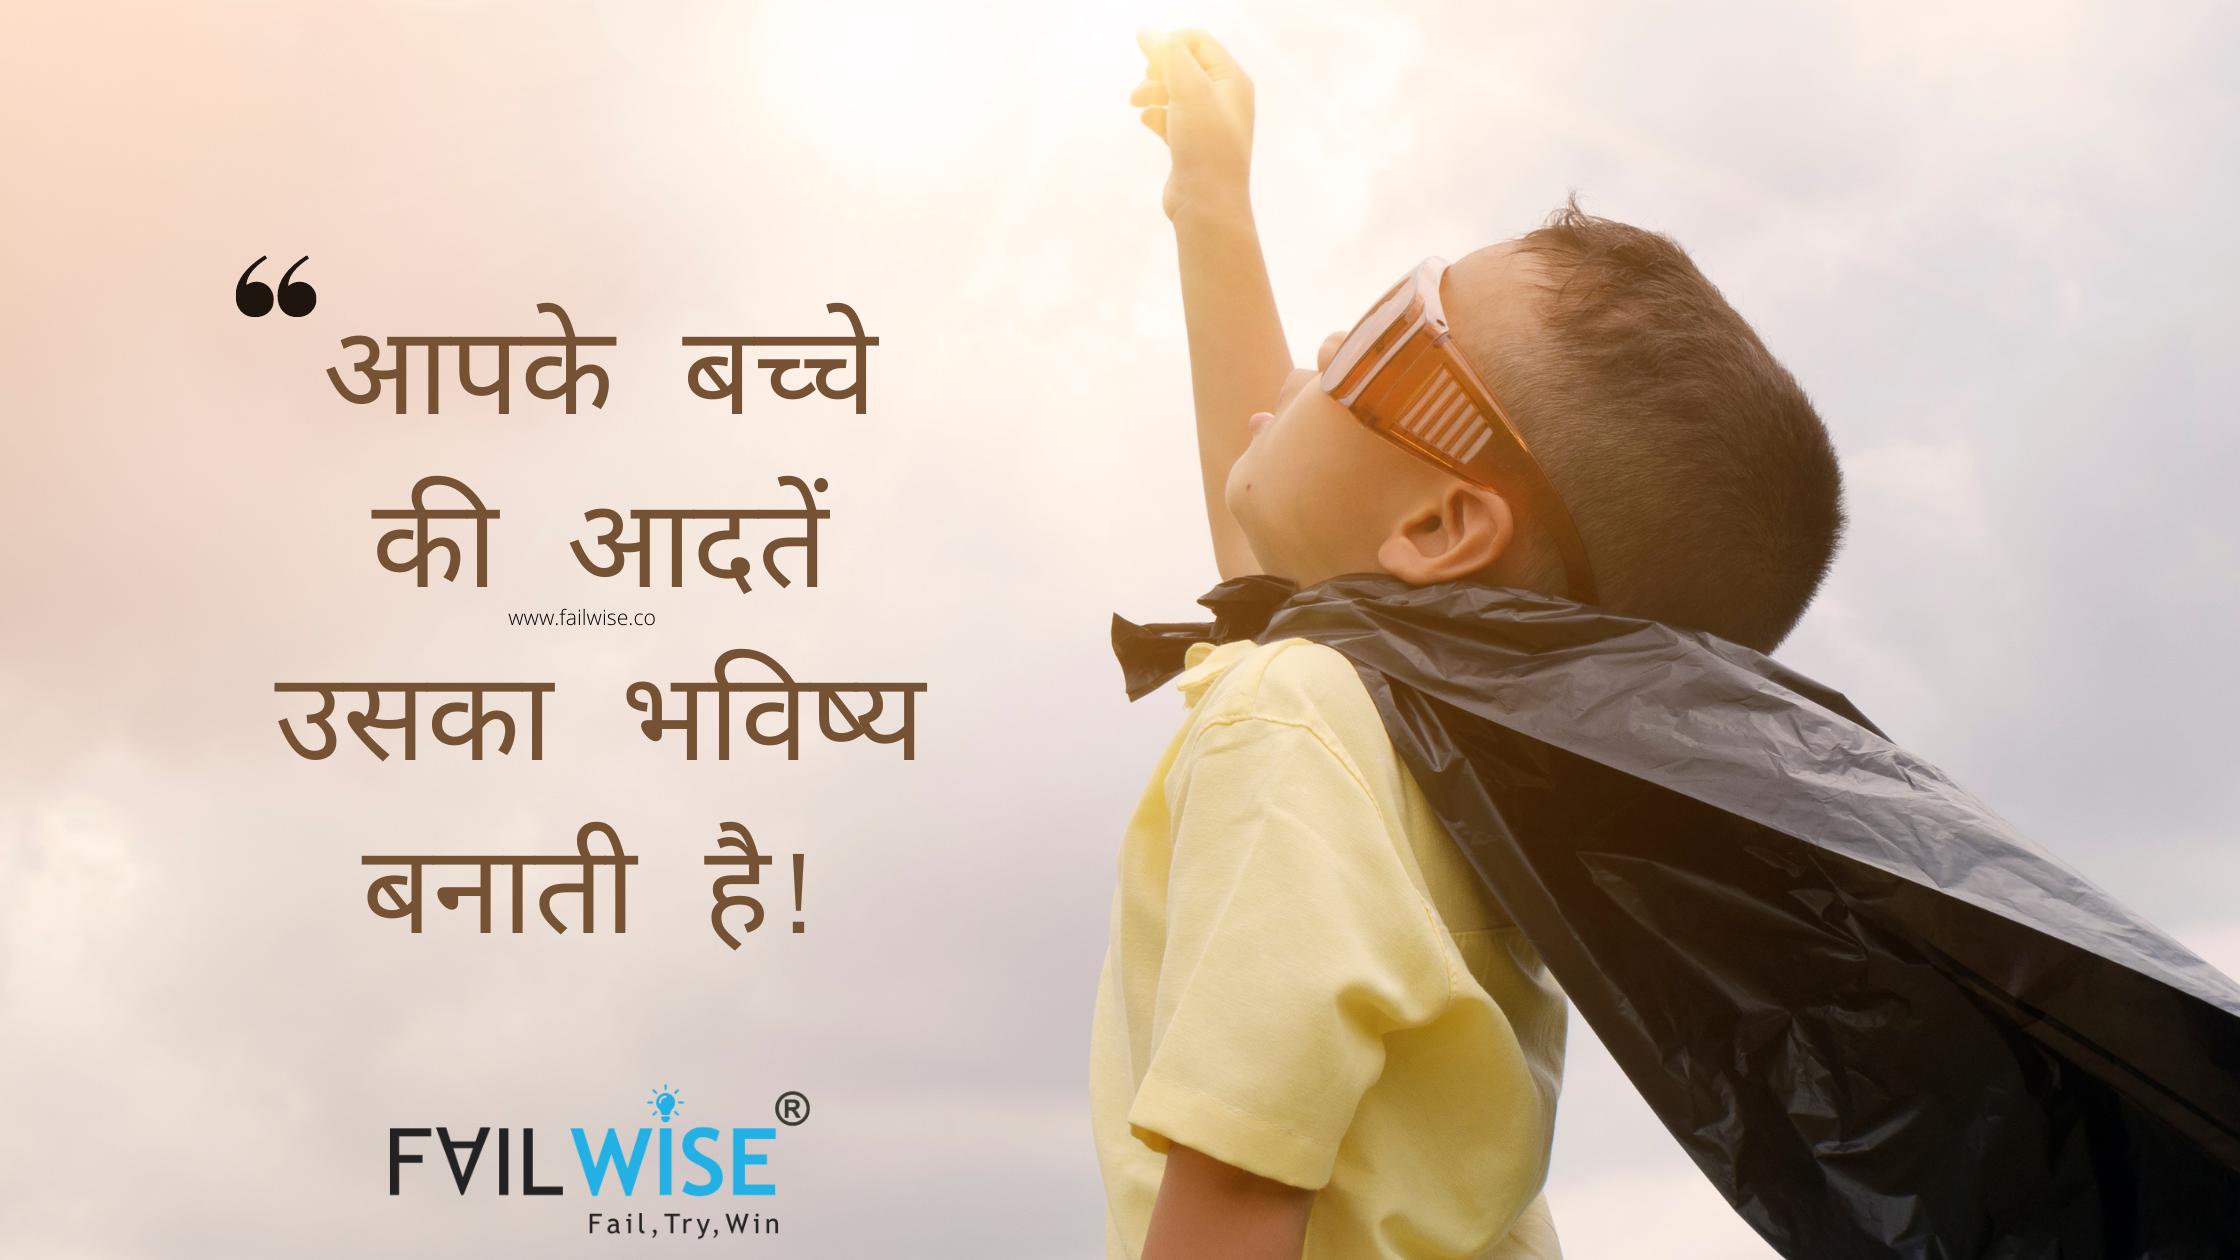 आपके बच्चे की आदतें उसका भविष्य बनाती है, उन पर ध्यान दे